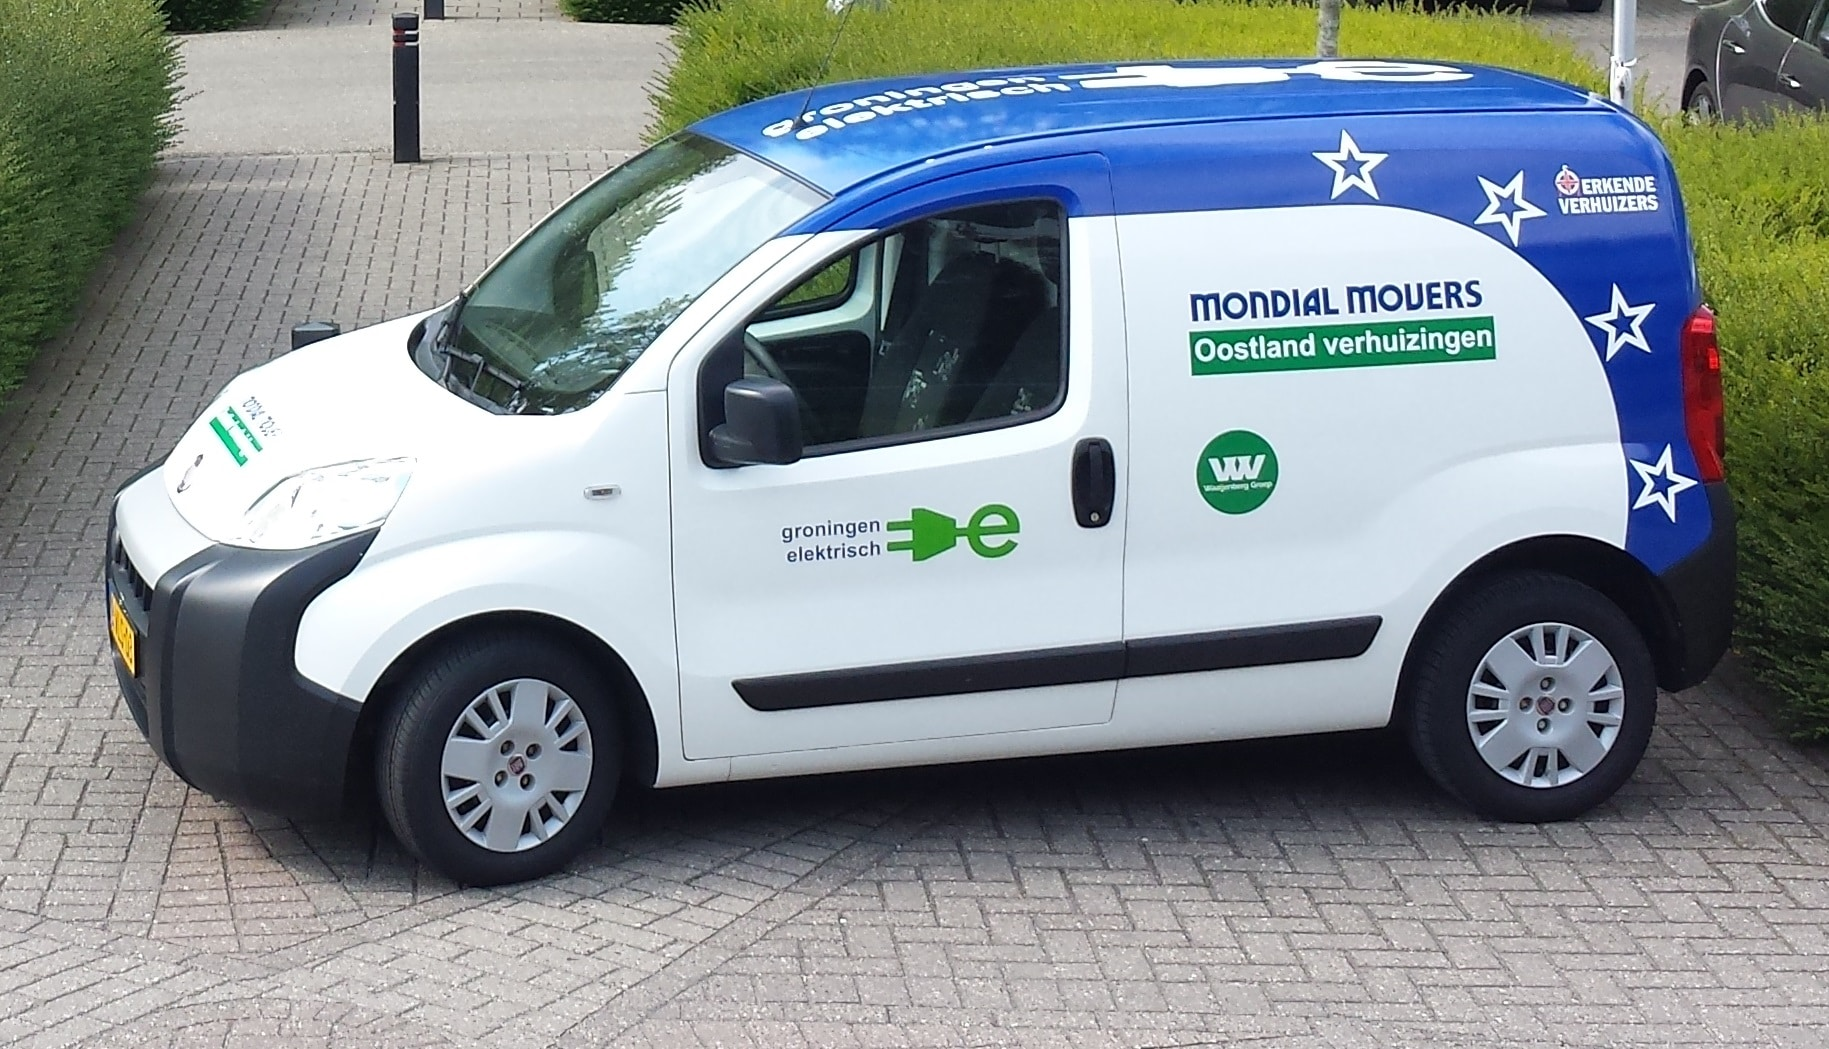 De elektrische verhuiswagen van Mondial Oostland Verhuizingen, 100% duurzaam verhuizen in Groningen en omstreken